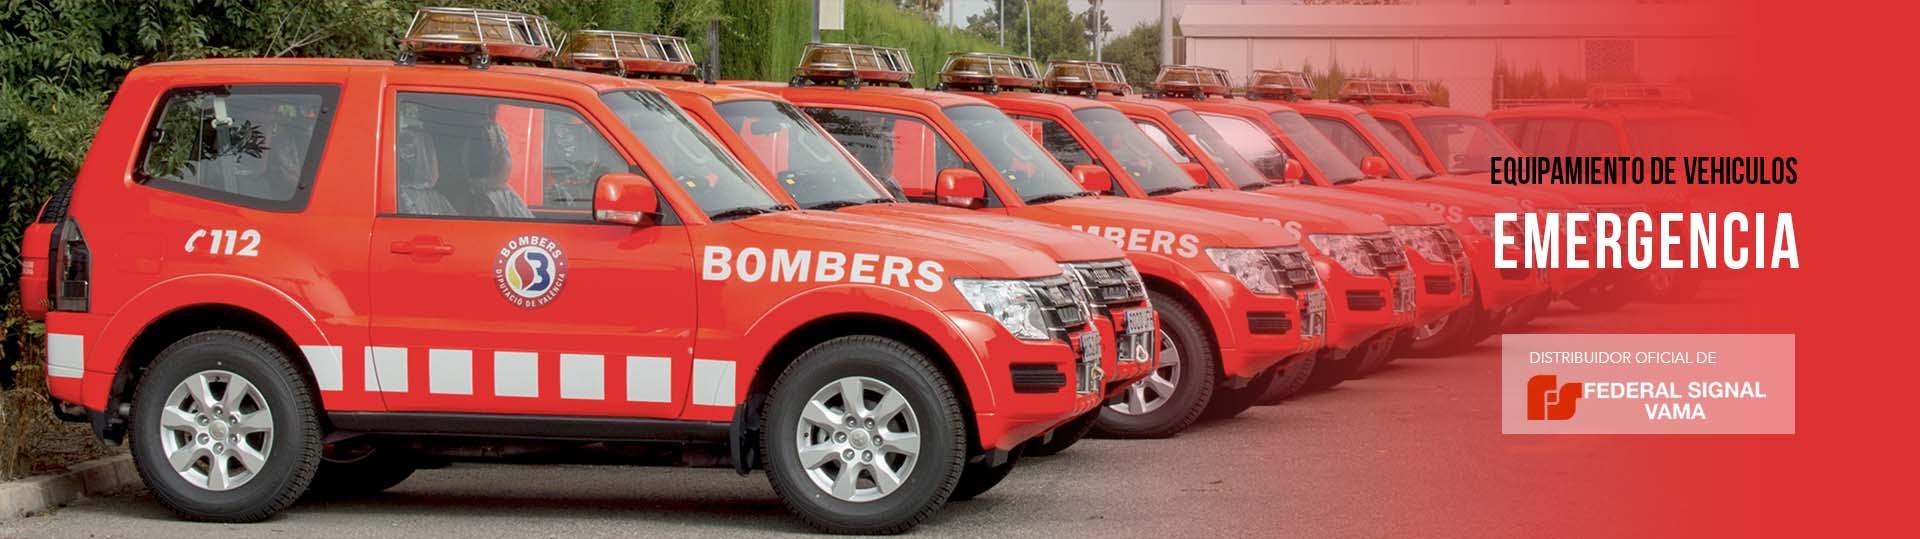 slider-vehiculos-emergencia-principal